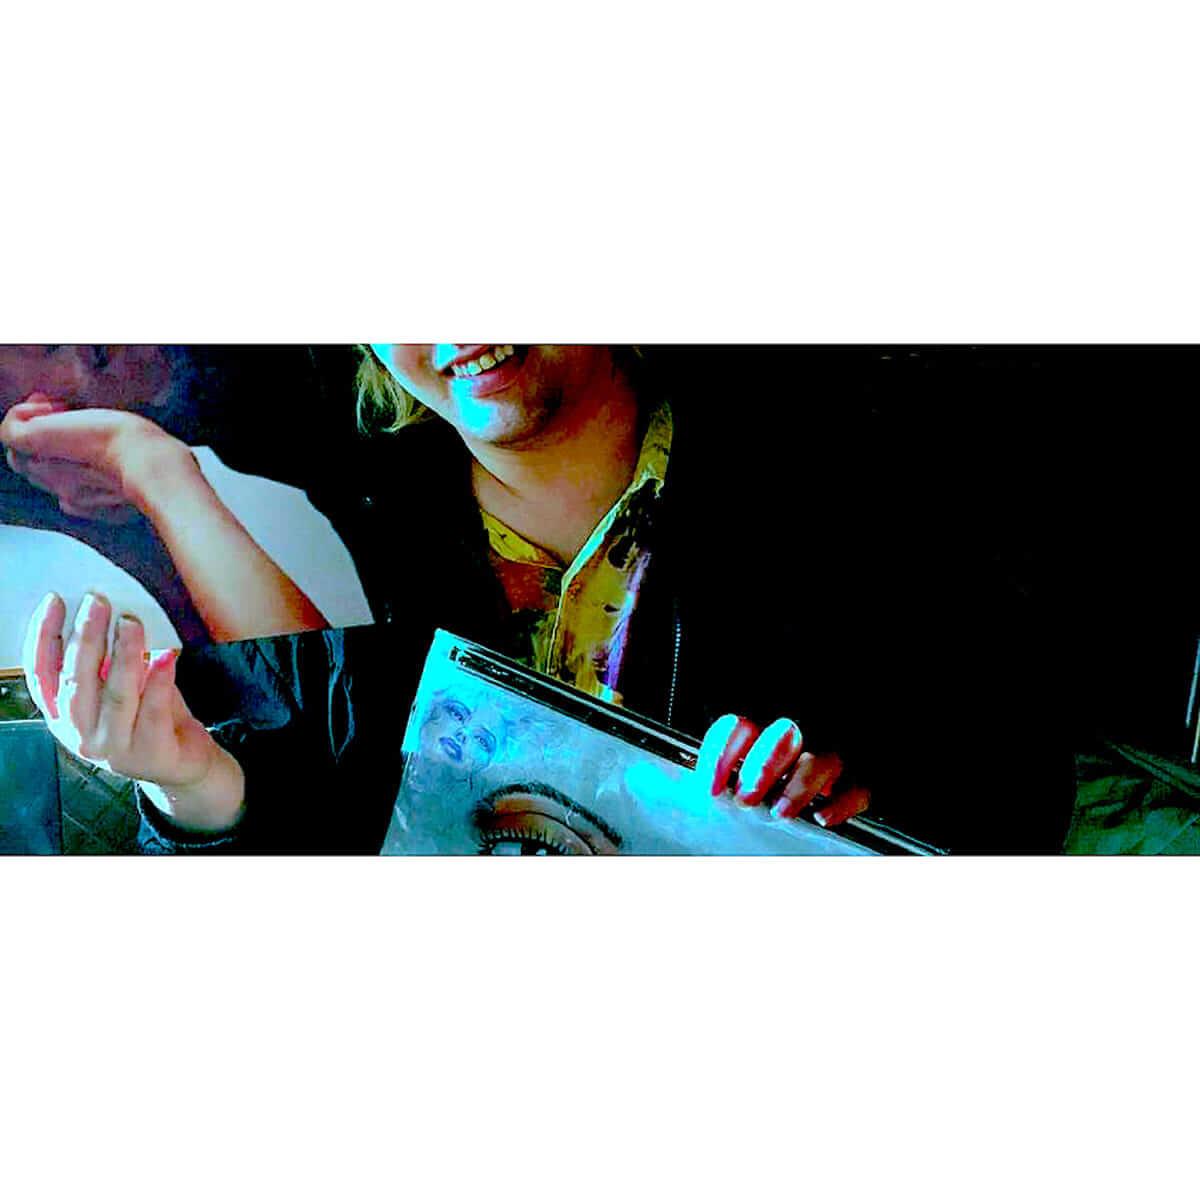 幻惑の沼、日本の伝承。深淵のDJクルー悪魔の沼がWWWβにてリリパを開催 music180614_akumanonuma_6-1200x1200